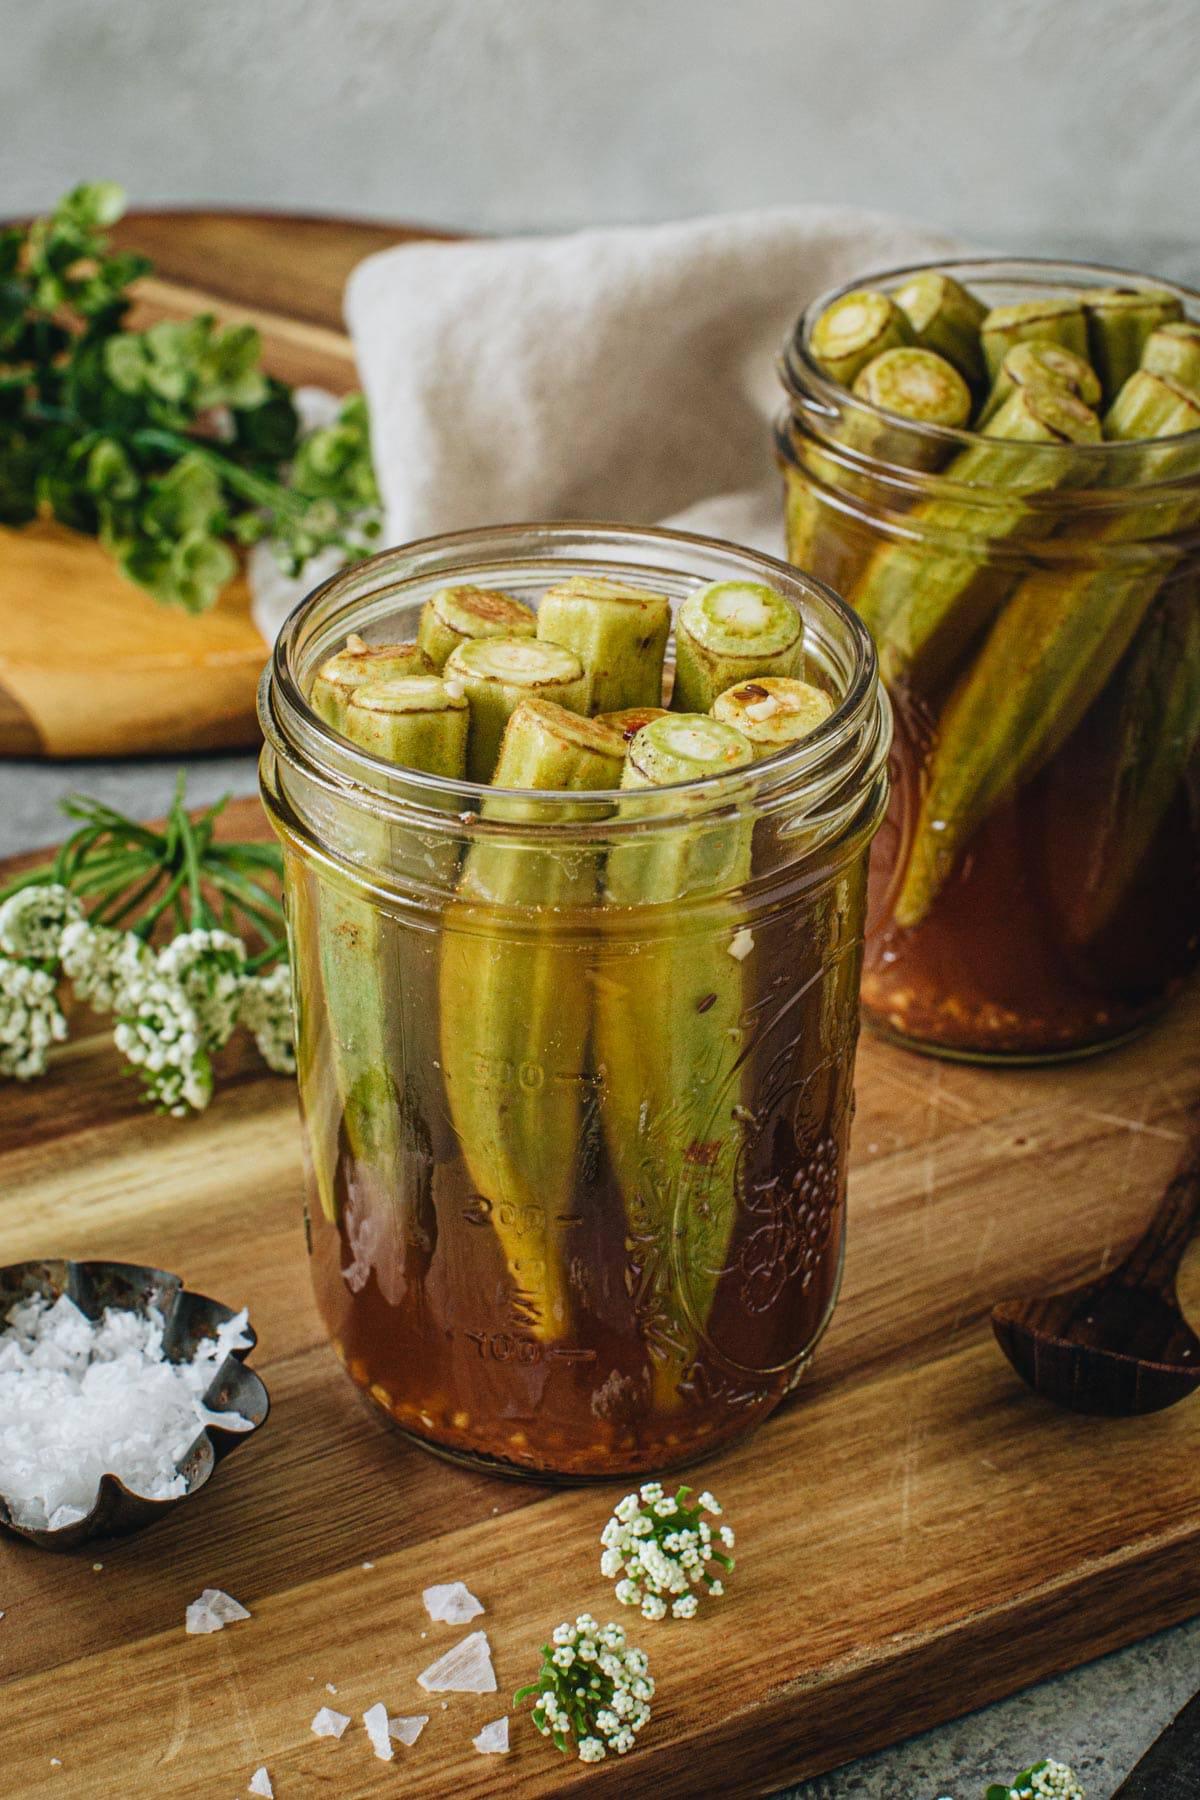 Pickled okra in a vinegar brine in a glass jar.